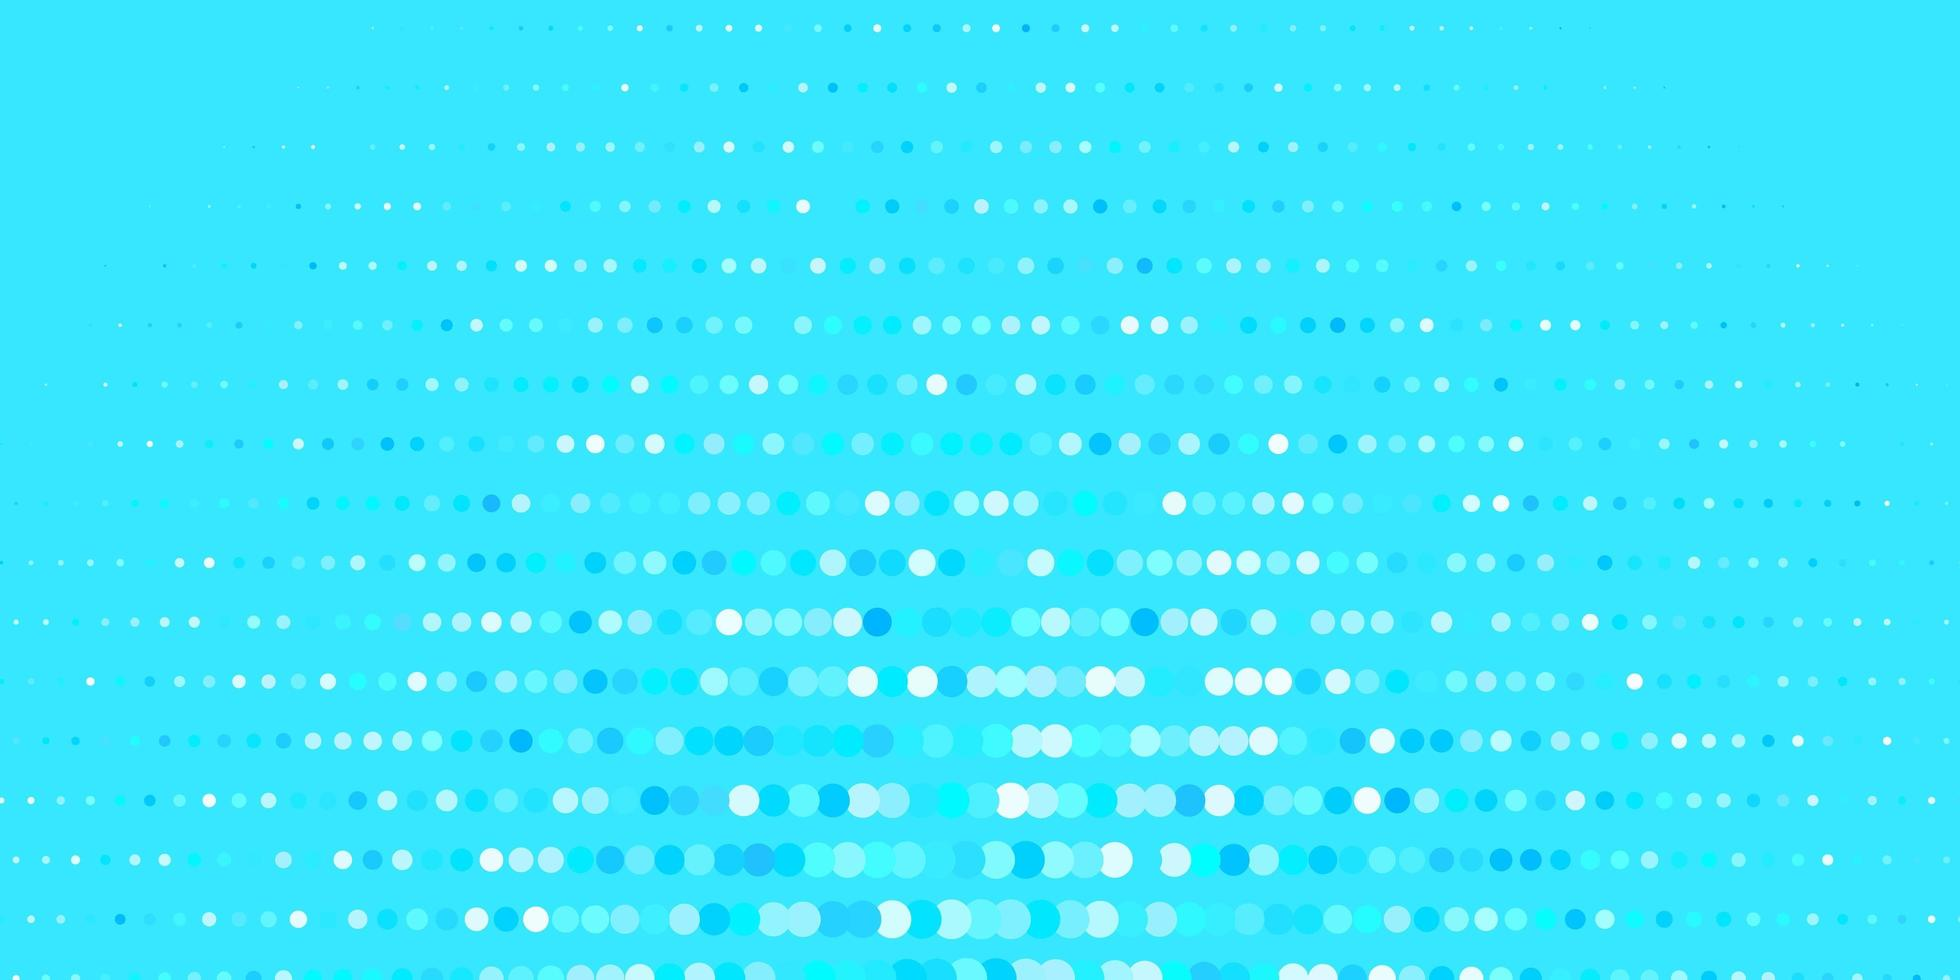 padrão azul com esferas. vetor